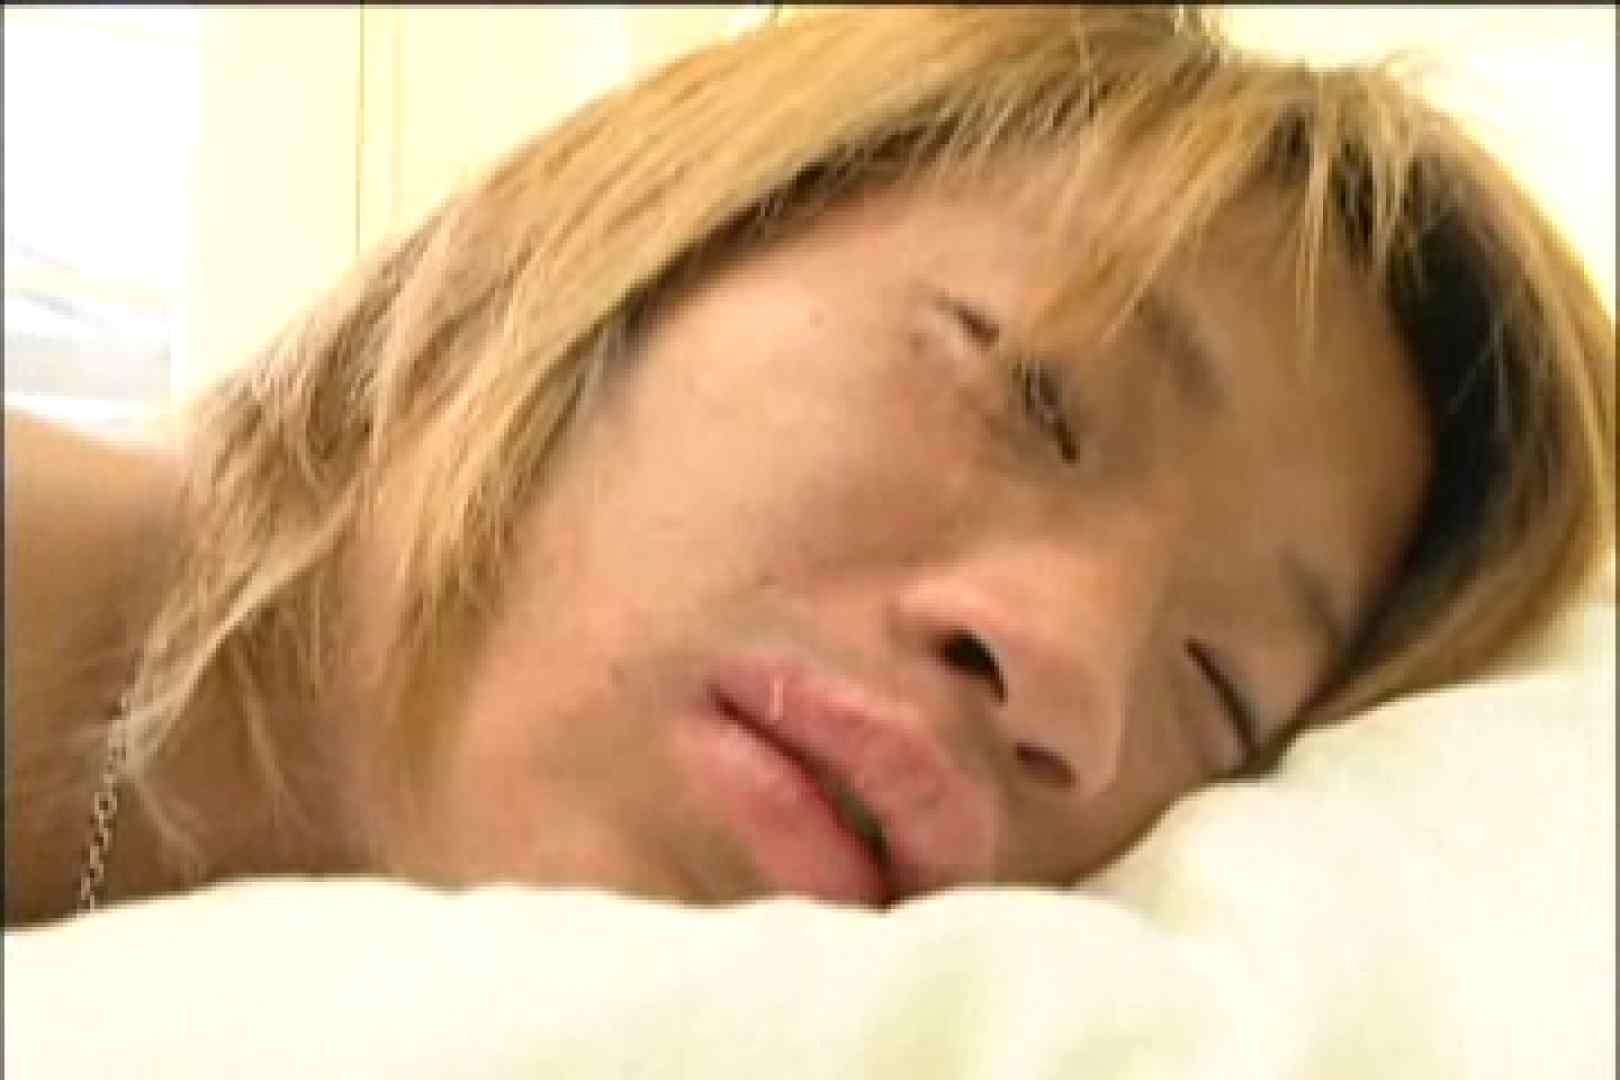 イケメン☆パラダイス〜男ざかりの君たちへ〜vol.12 ケツマン   男のゲイ天国  9枚 6